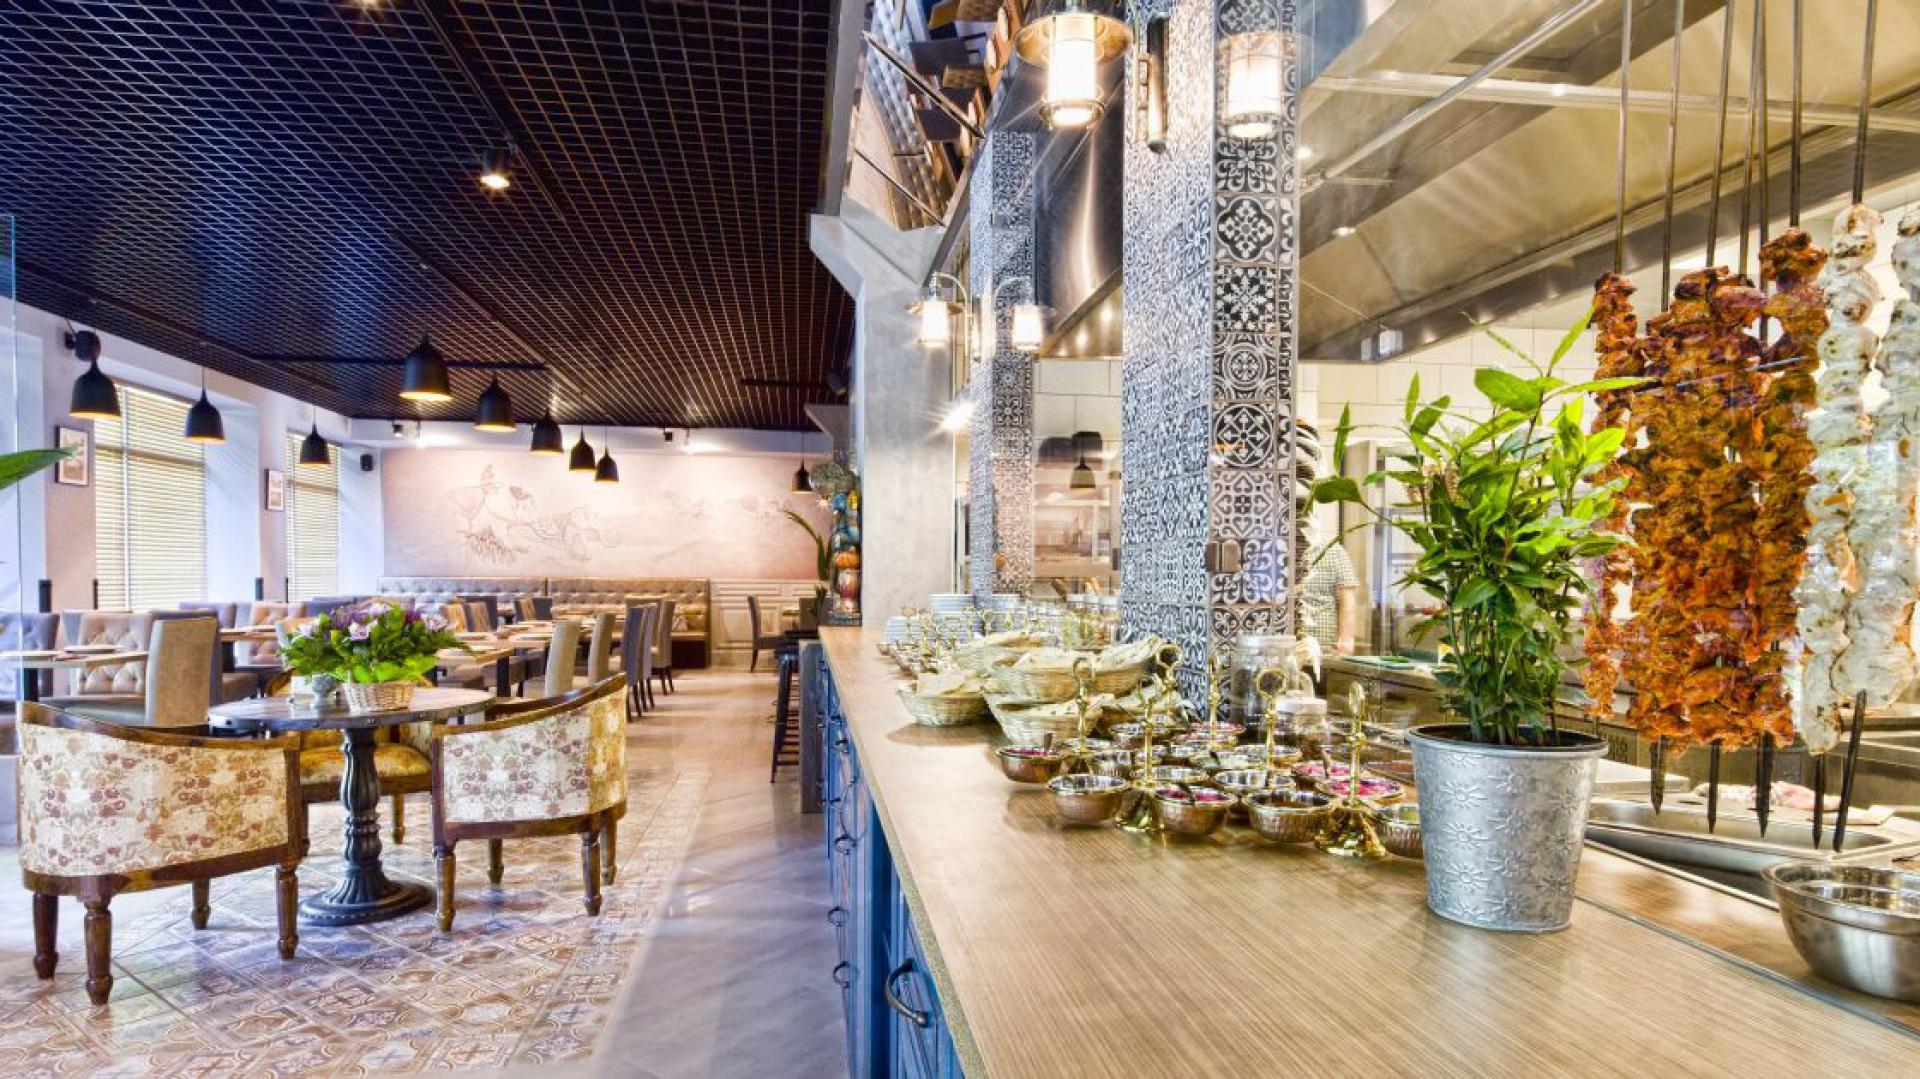 Restauracja indyjska Bombaj Masala w Warszawie. Fot. Maciej Zaczek/82studio